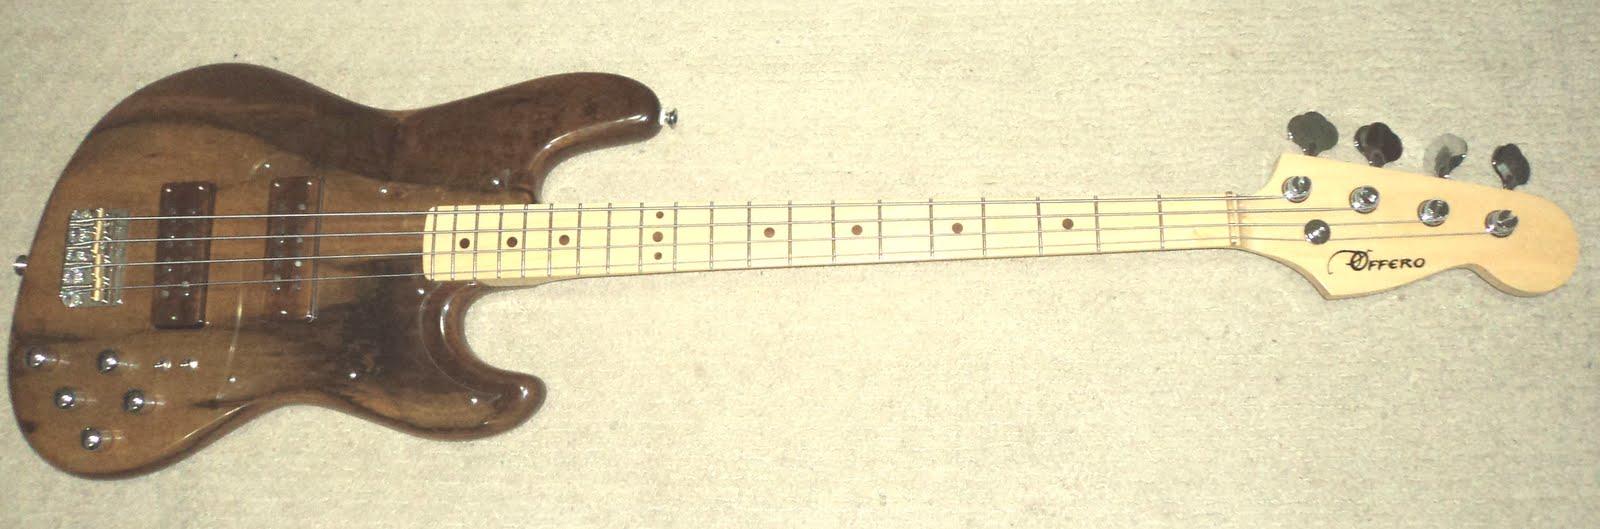 Circuito Eletrico Jazz Bass : Offero guitars jazz bass cordas circuito e captação jb